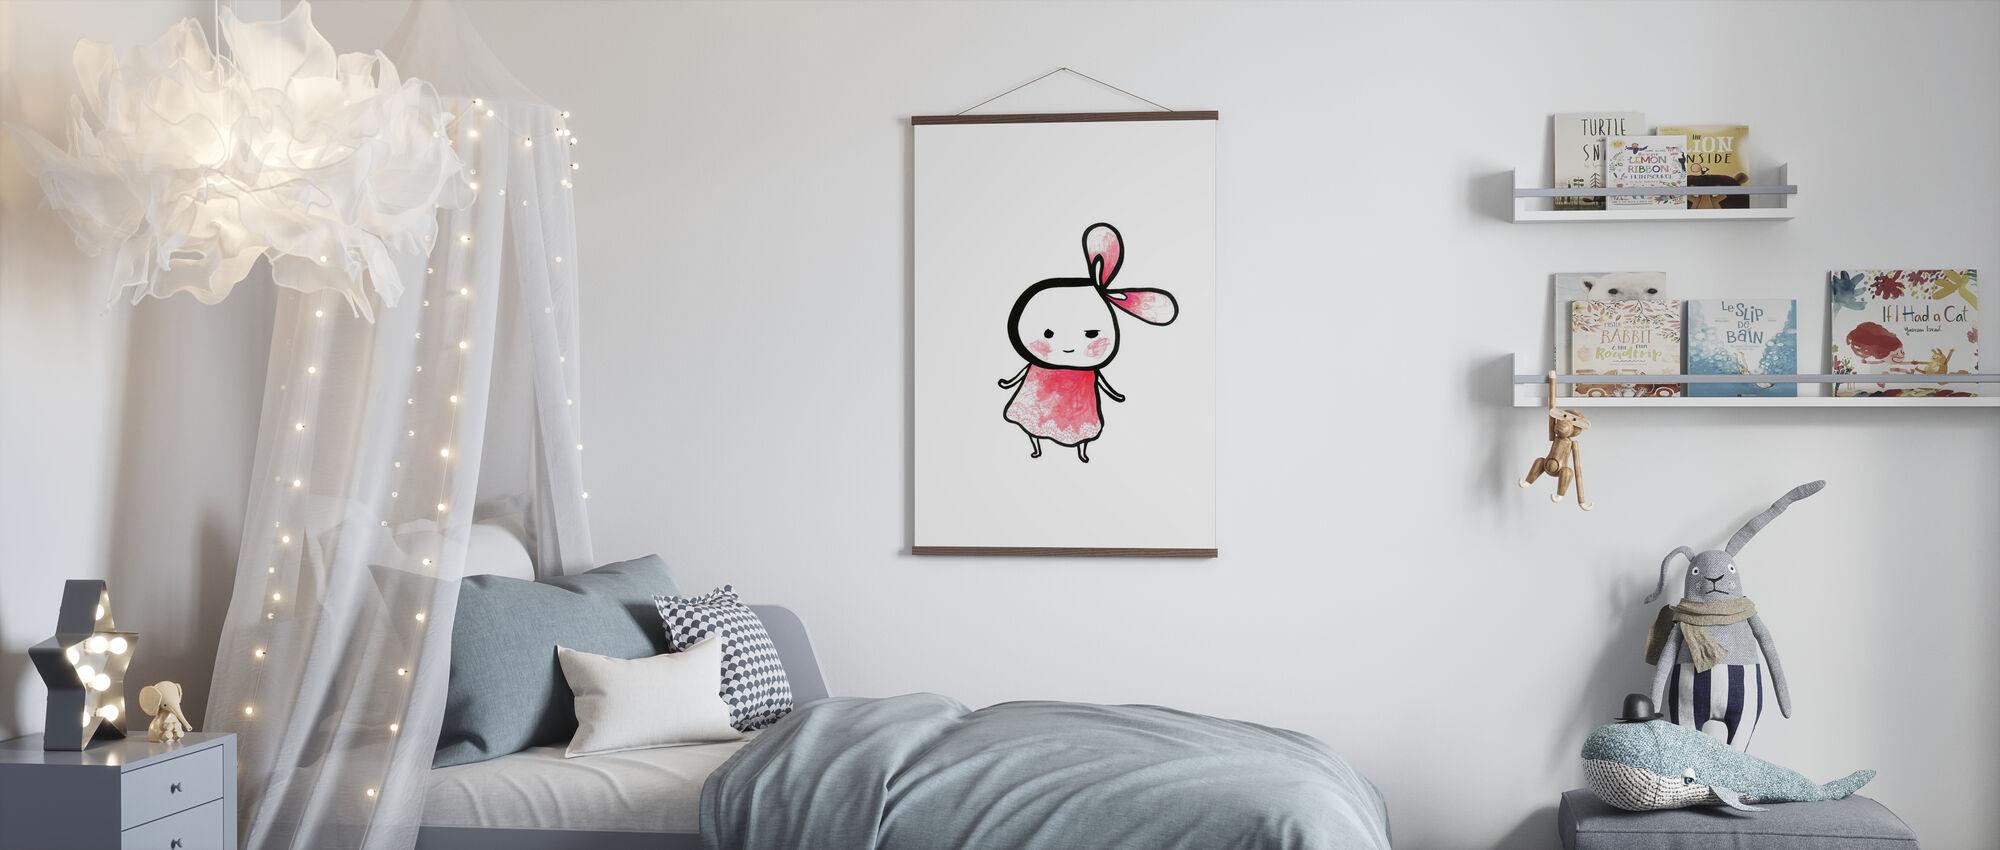 Mehr Rosa - Mehr Schnitt - Poster - Kinderzimmer